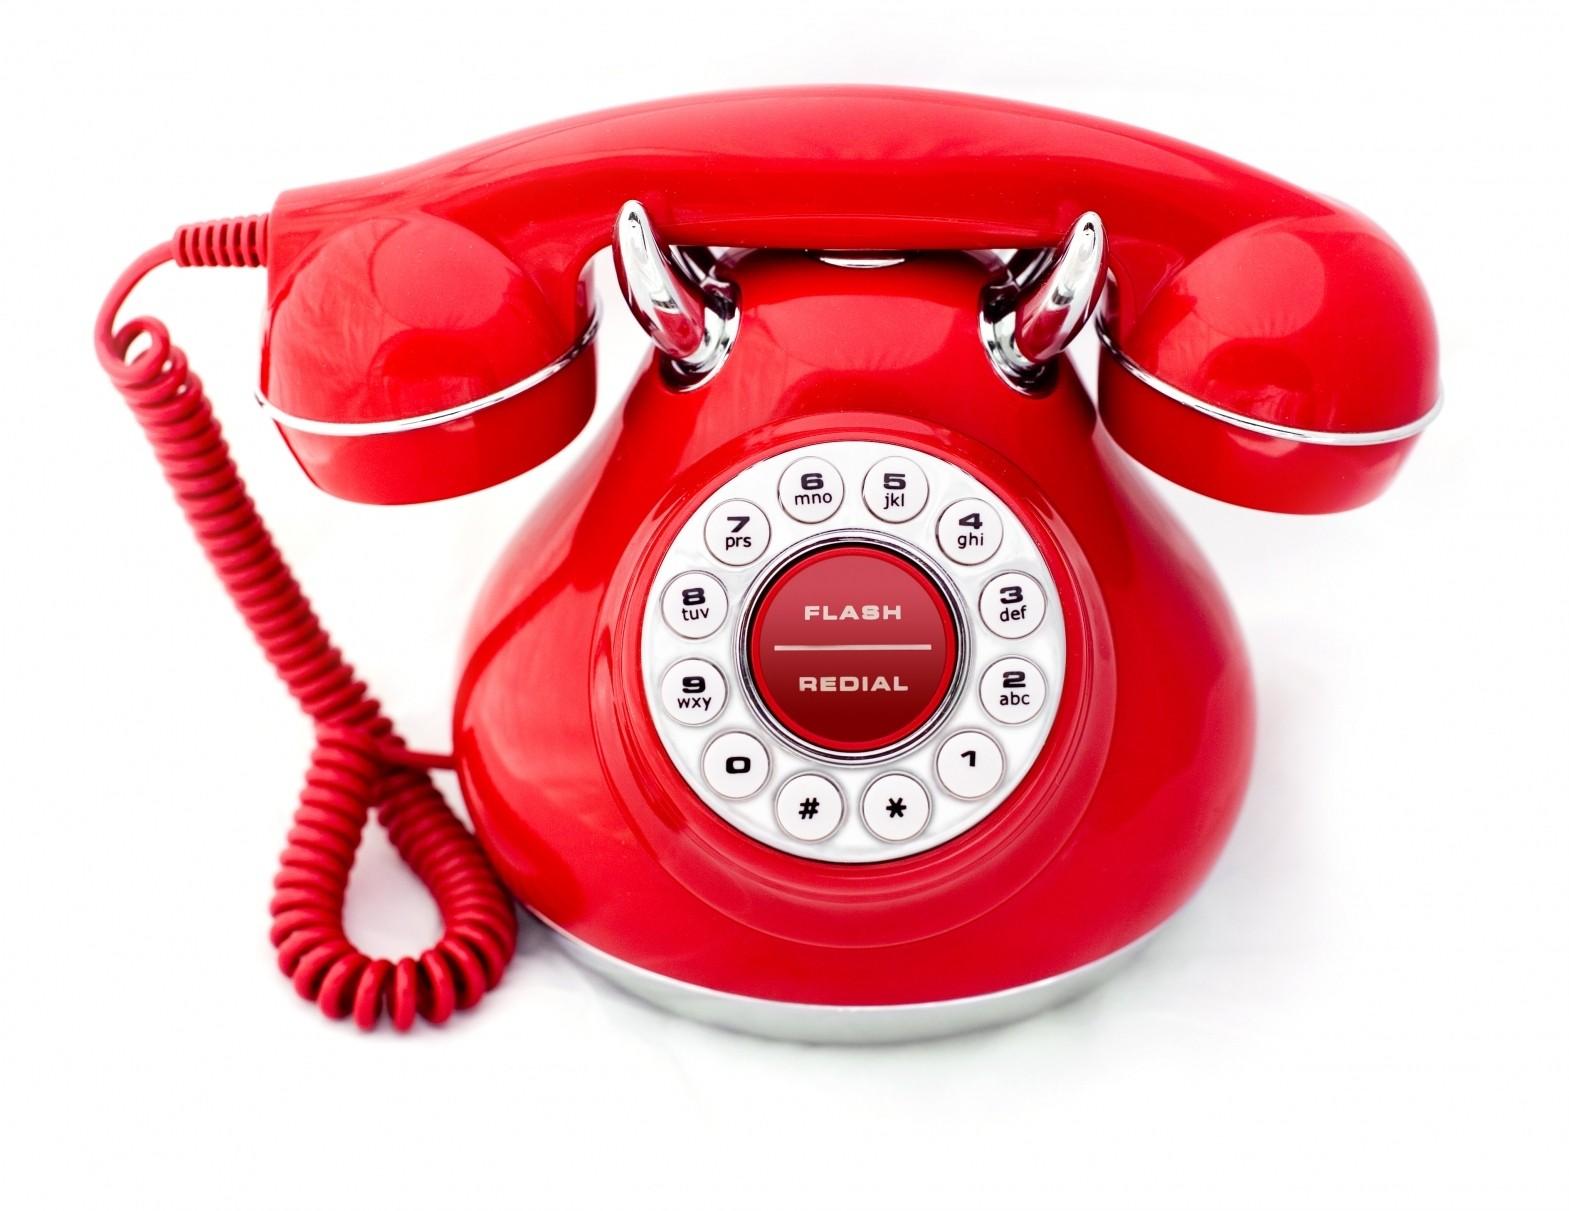 Emergency-Phone-Numbers